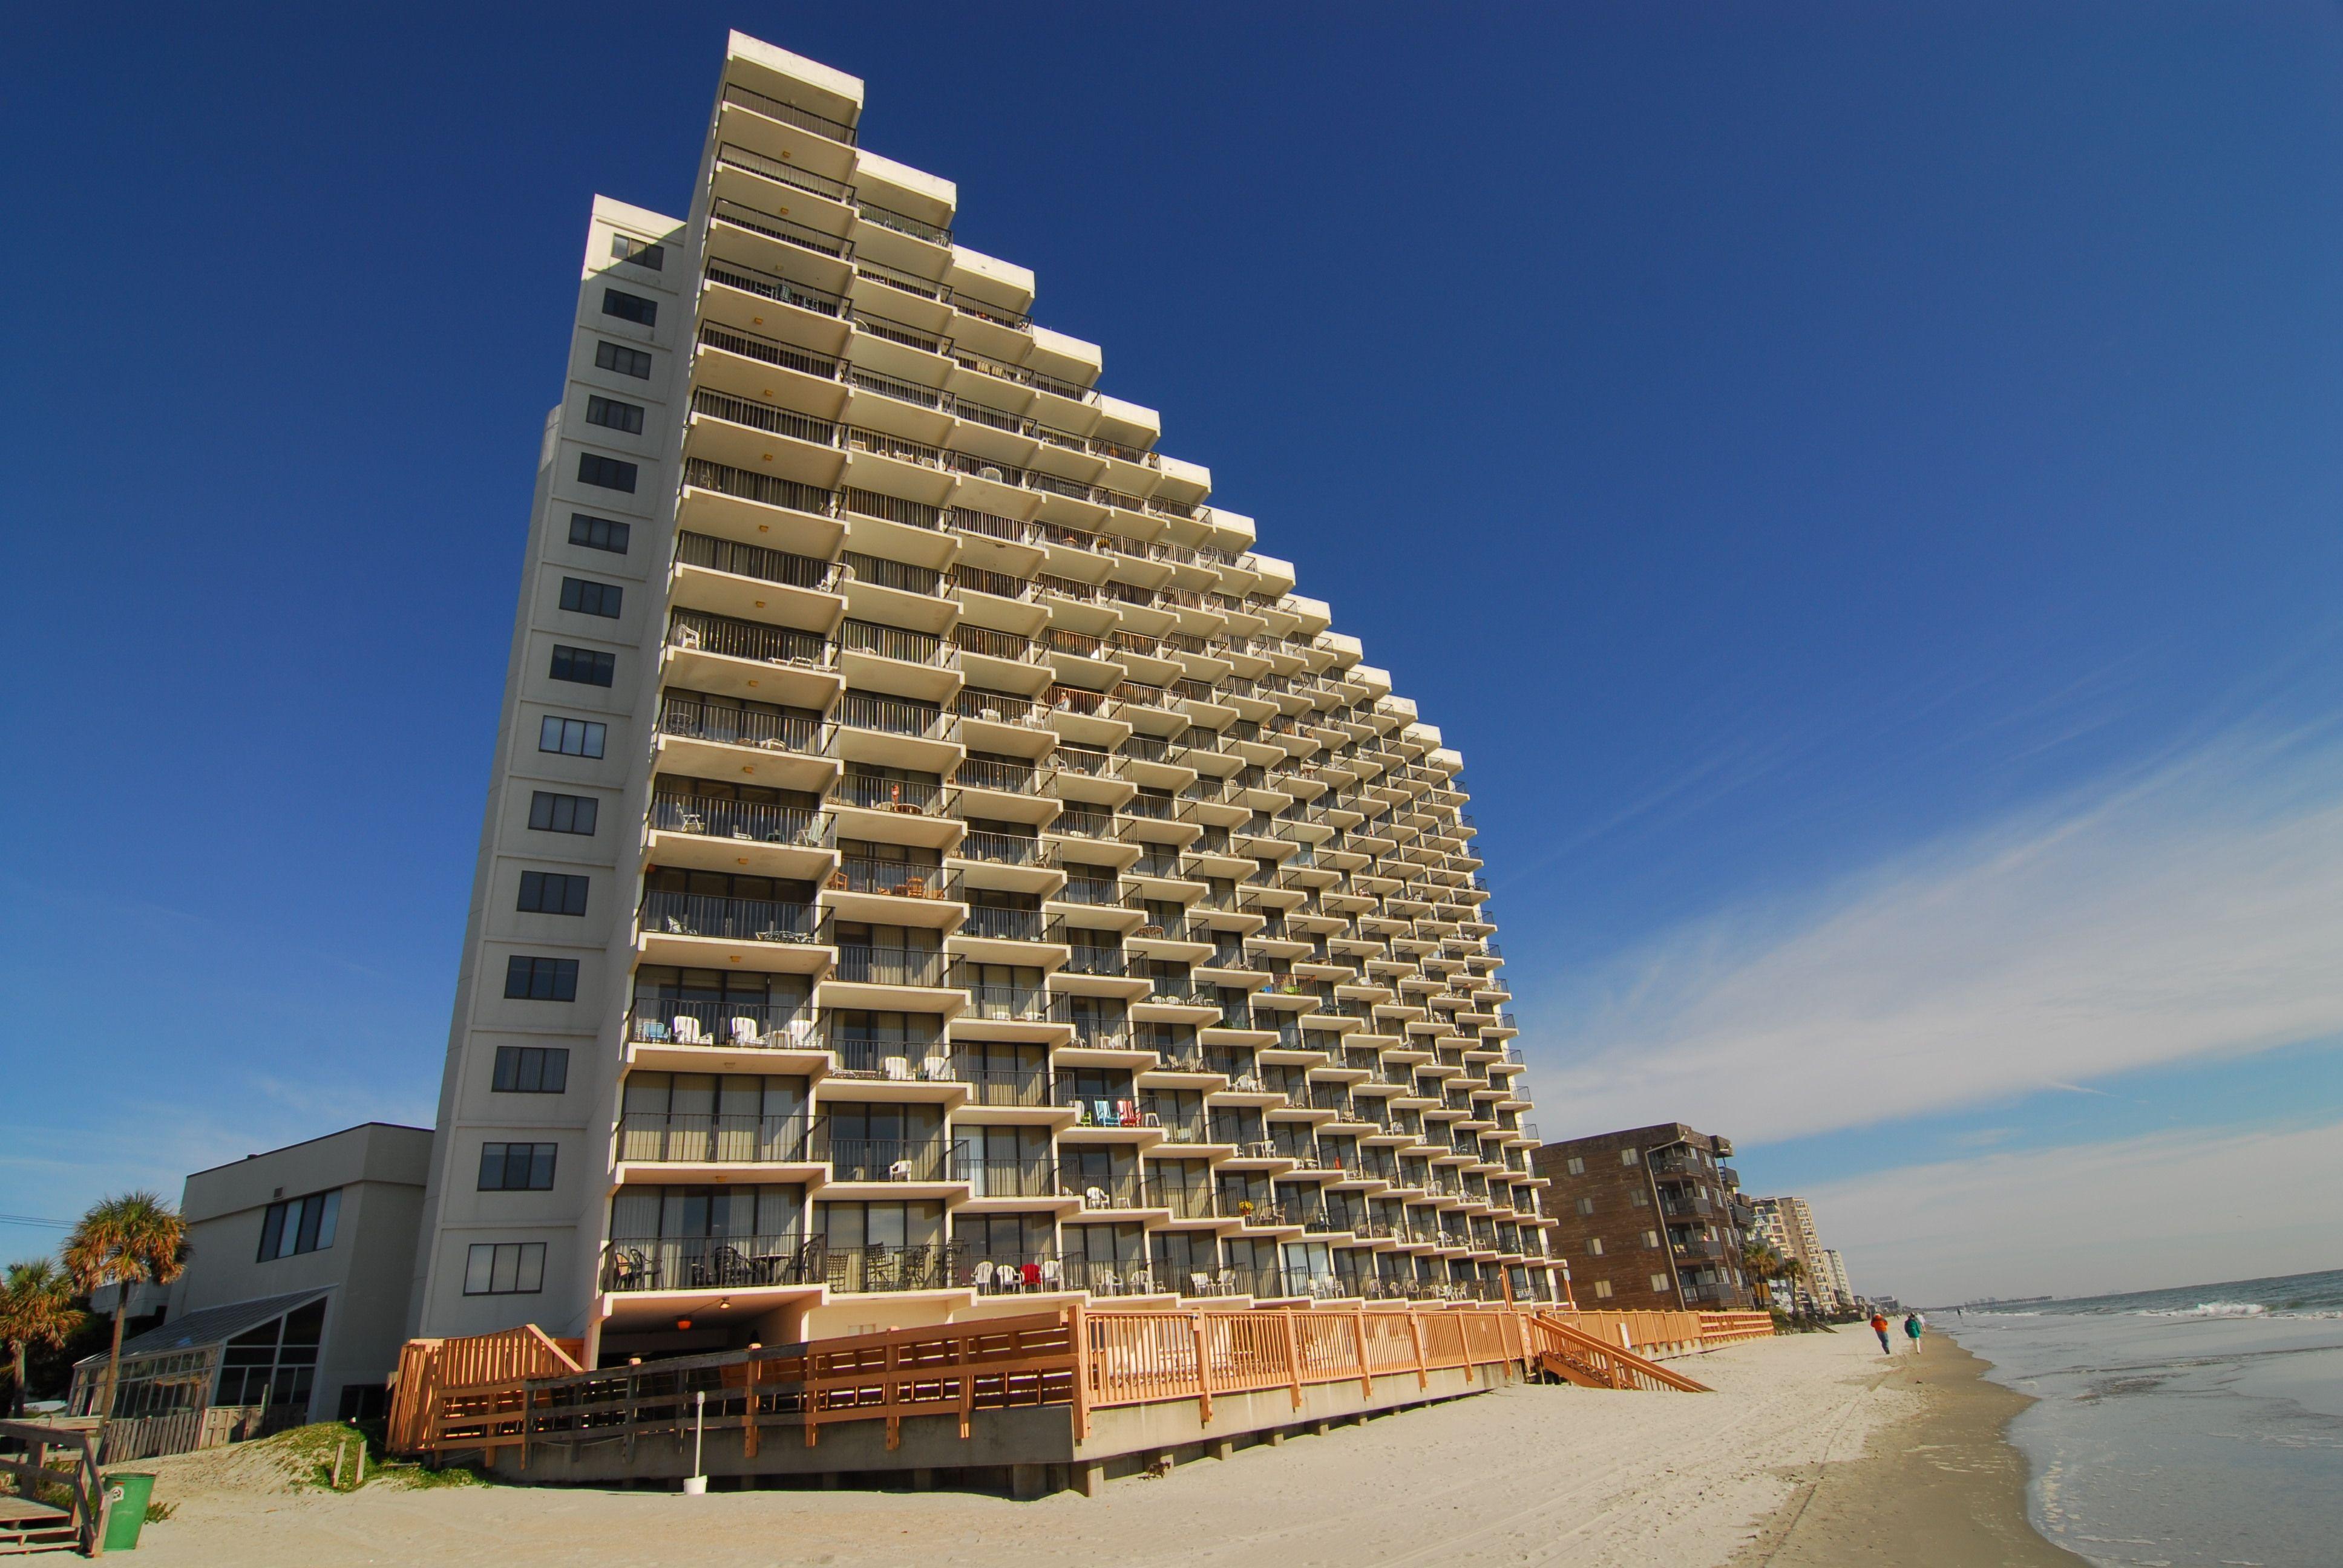 Garden City Beach Vacation Al Condo Royal Resort 1108